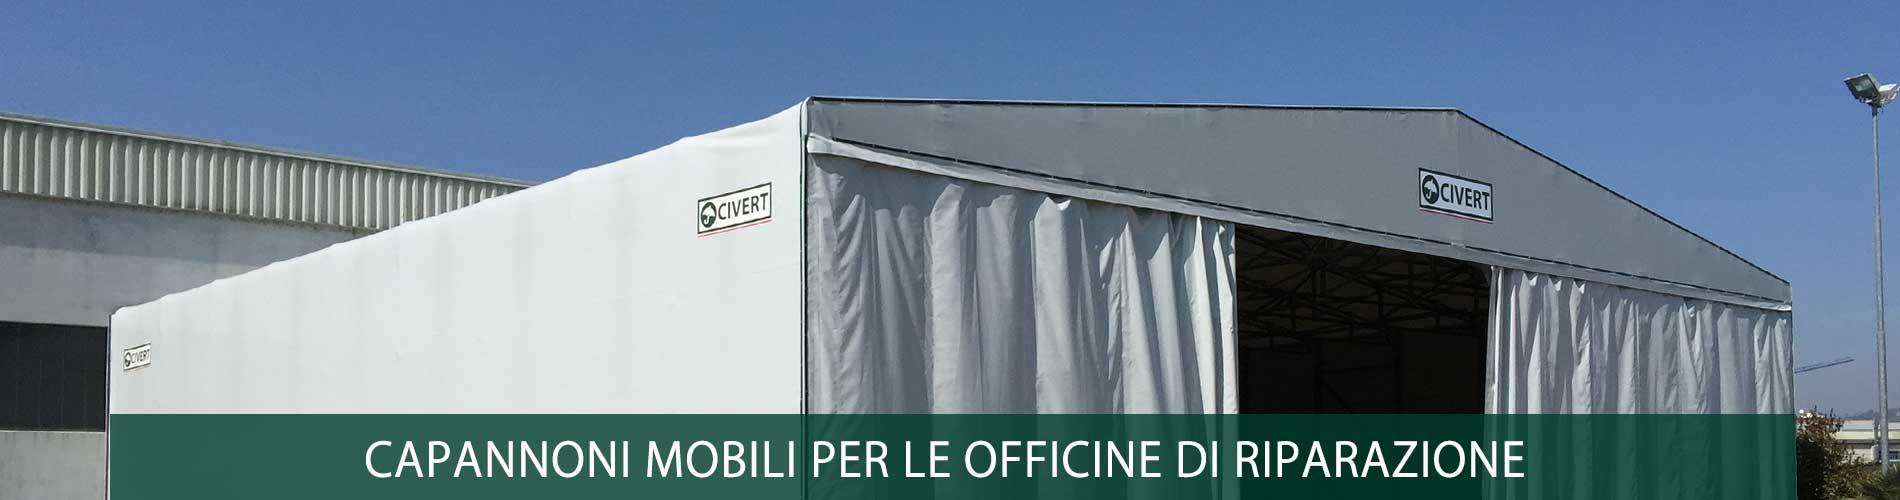 capannone mobile officine di riparazione